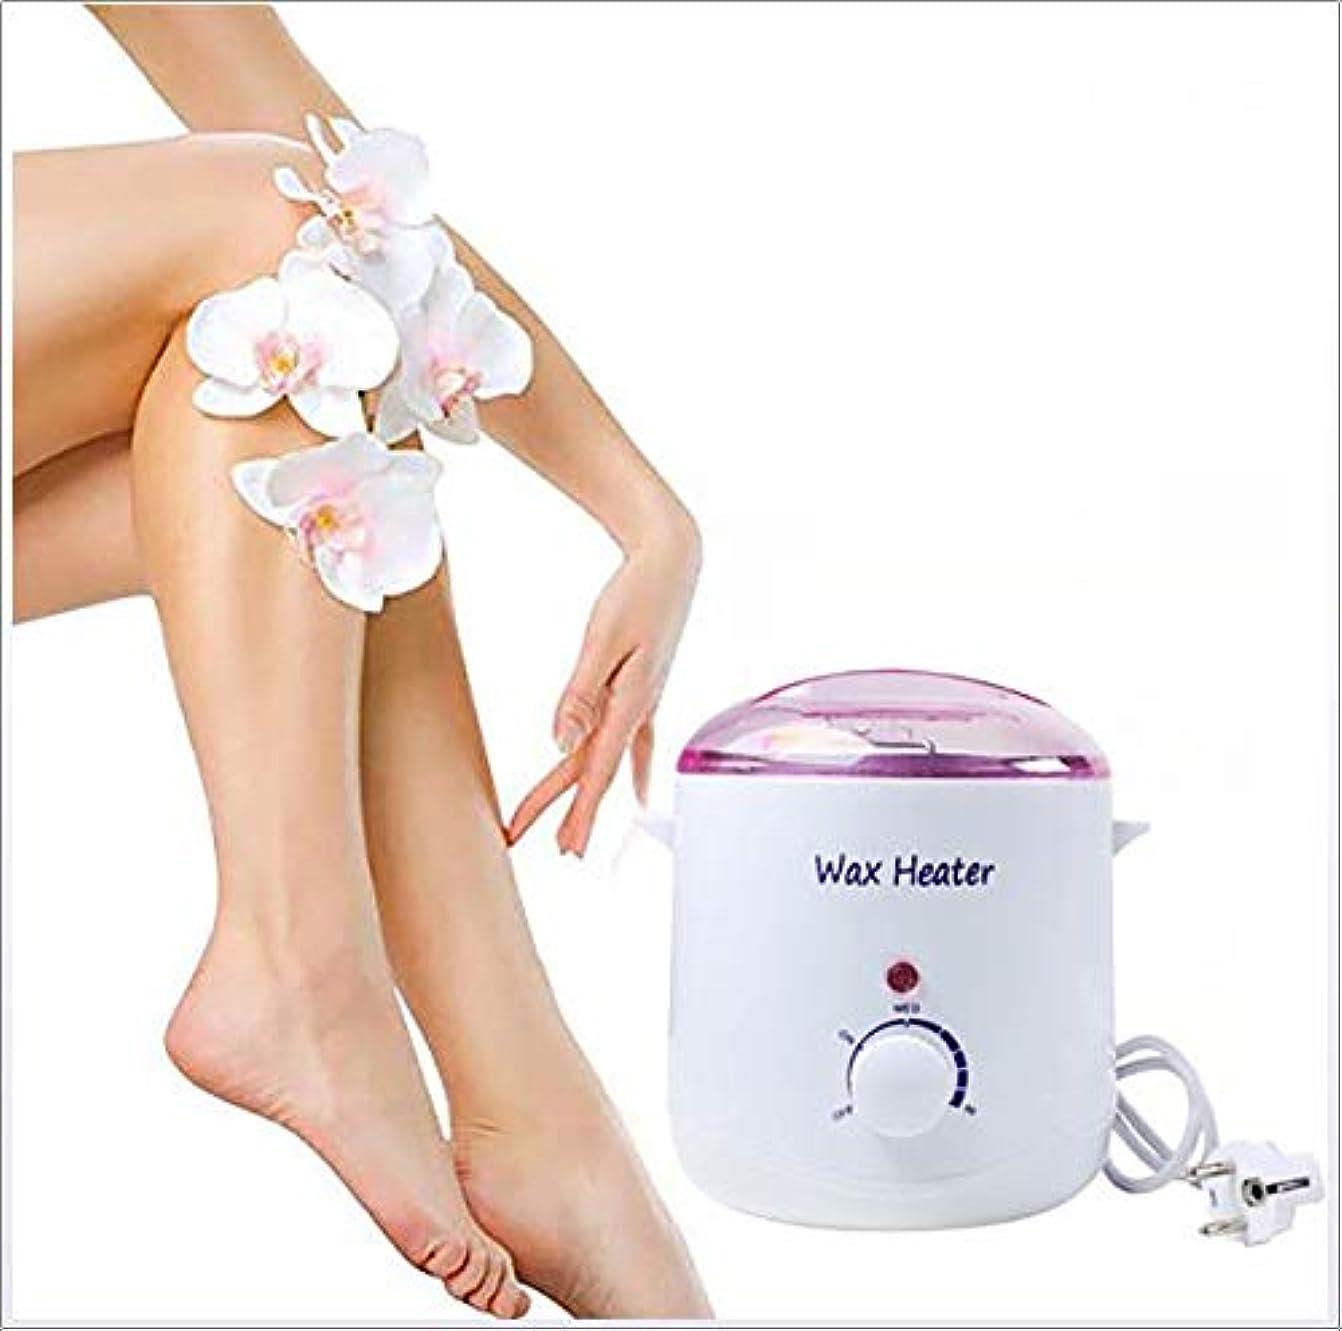 見かけ上資本ワンダー毛の取り外し機械、毛の取り外しのための堅い熱いワックスの暖かいメルターヒーターの携帯用電気熱いワックスの暖かい機械,Pink